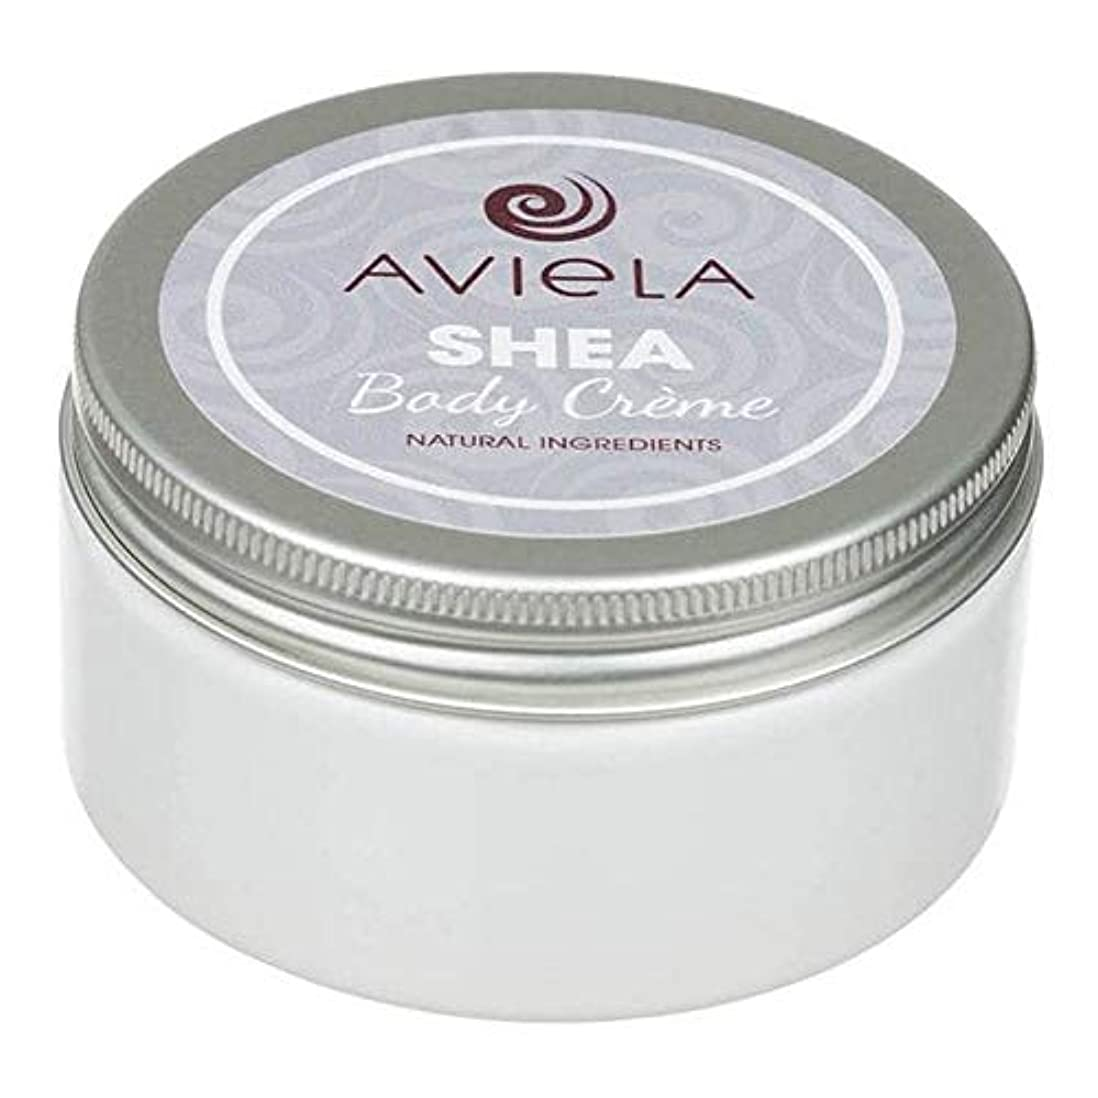 背が高い民間フリッパー[Aviela] Avielaシアボディクリーム200グラム - Aviela Shea Body Creme 200g [並行輸入品]